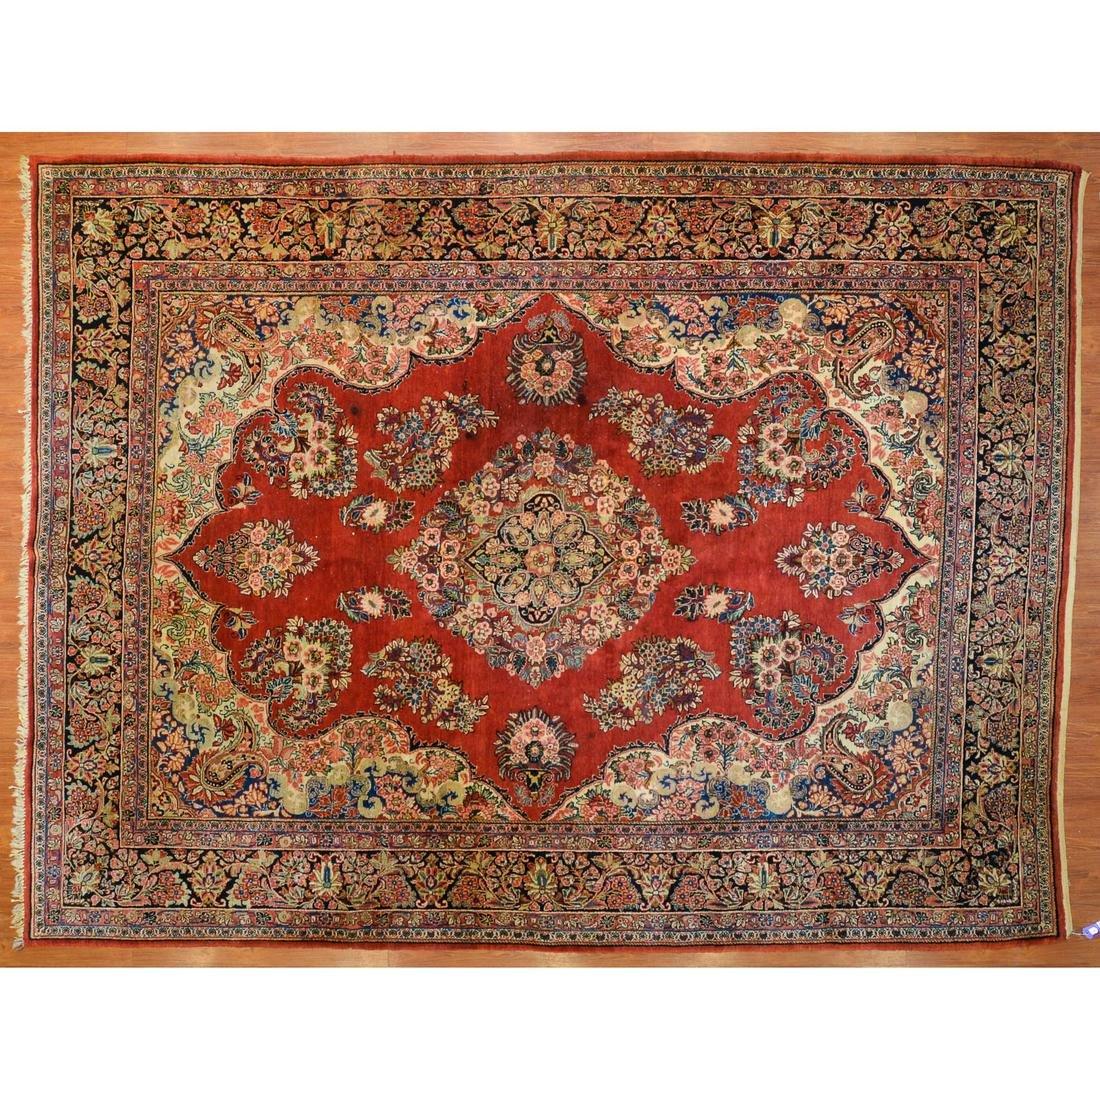 Semi-Antique Sarouk Carpet, Persia, 9.2 x 11.11